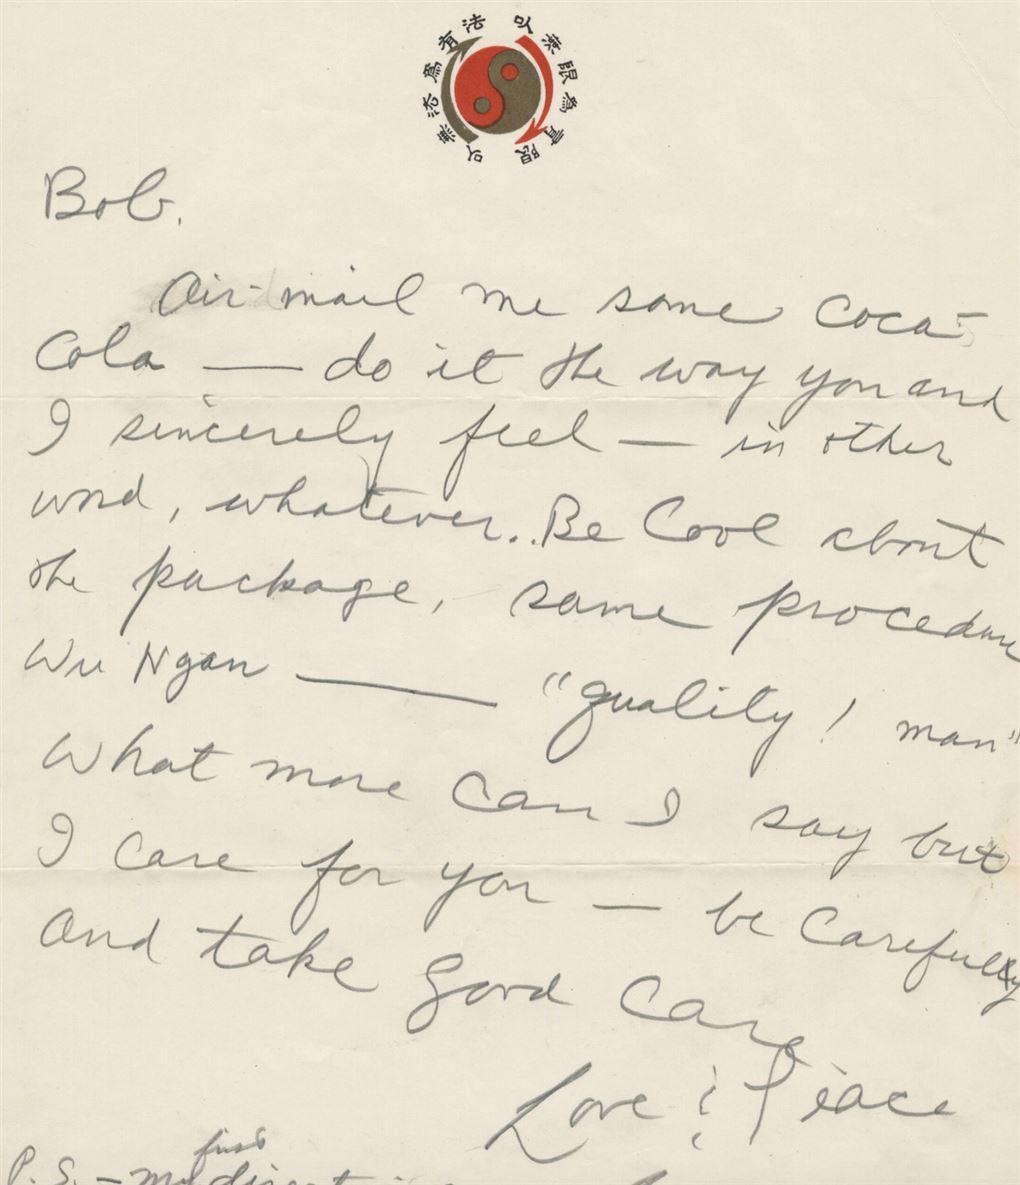 Et håndskrevet brev